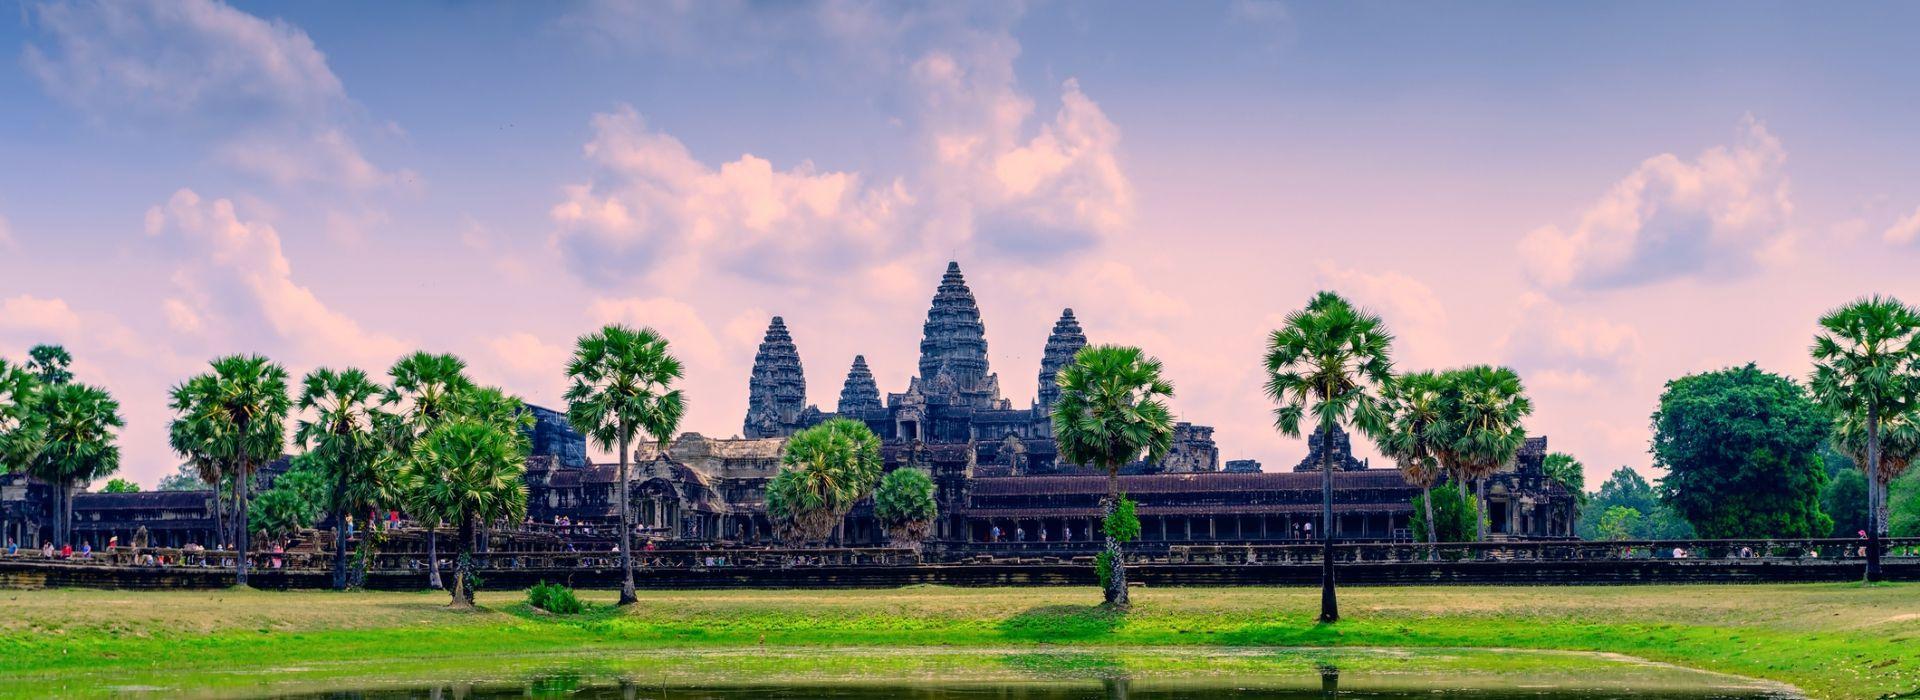 Wildlife Tours in Cambodia